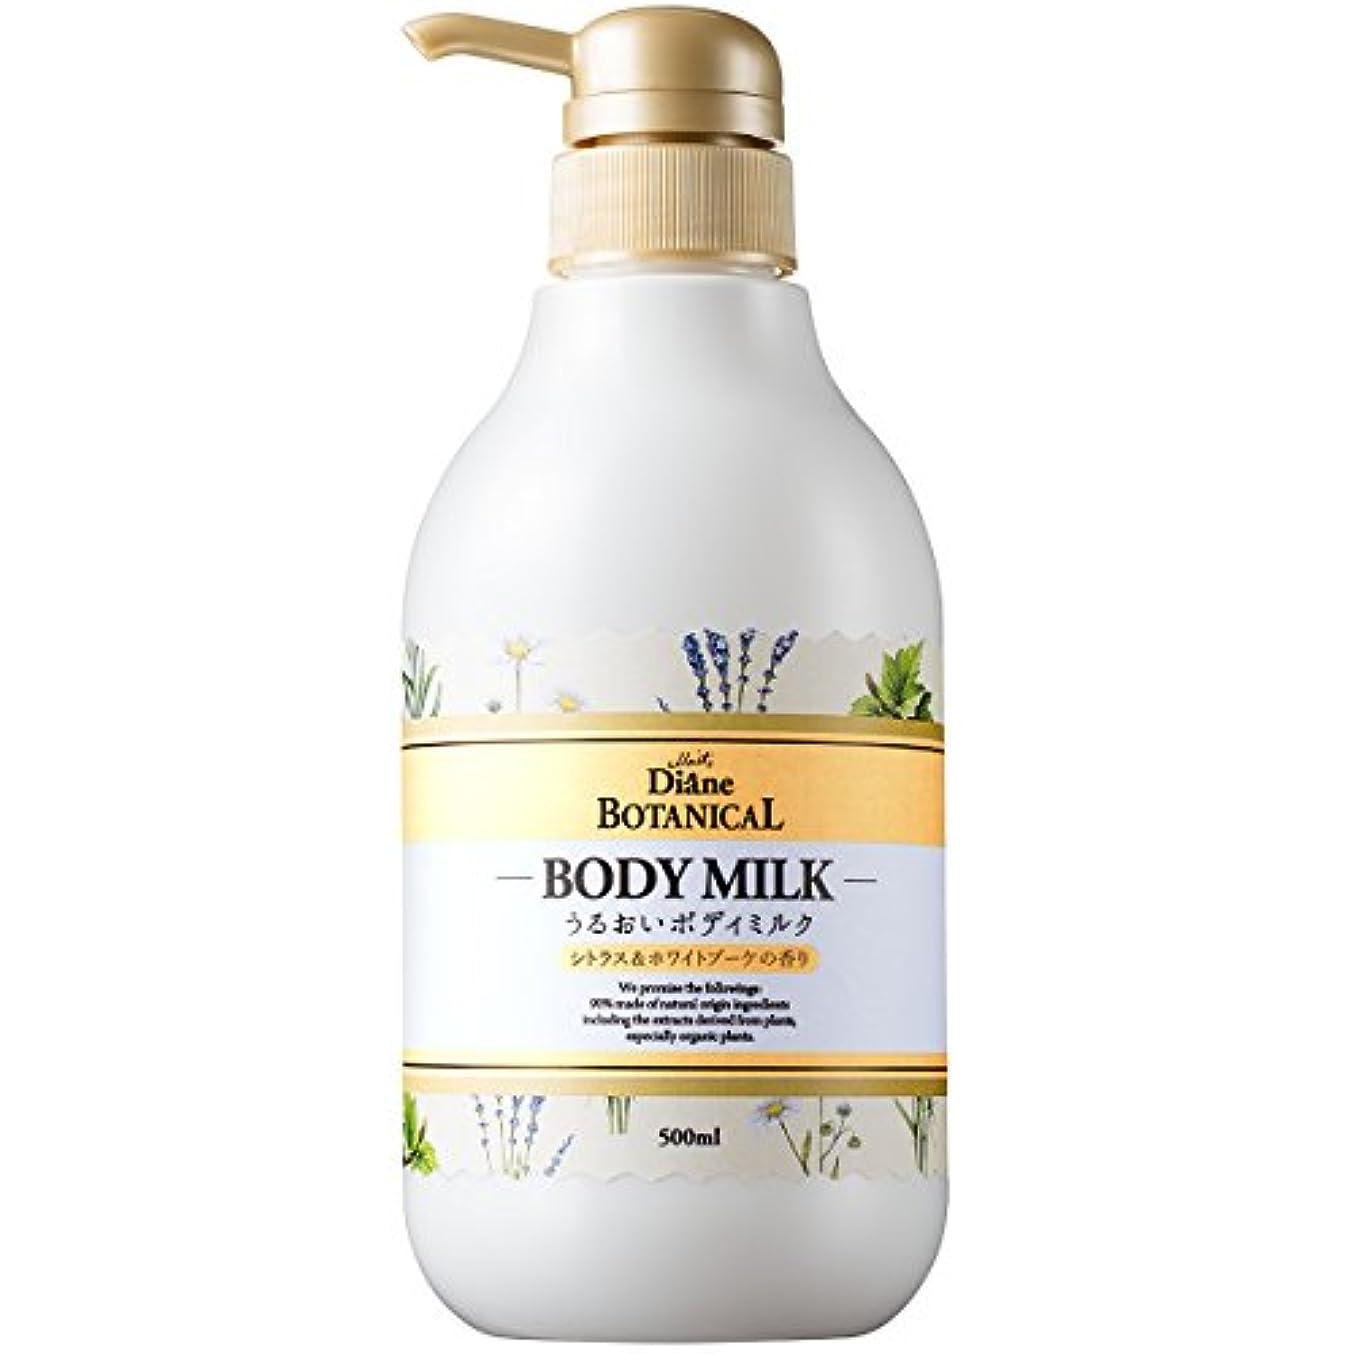 変動する溶けたエキスパートモイスト ダイアン ボタニカル ボディミルク シトラス&ホワイトブーケ 大容量 500ml